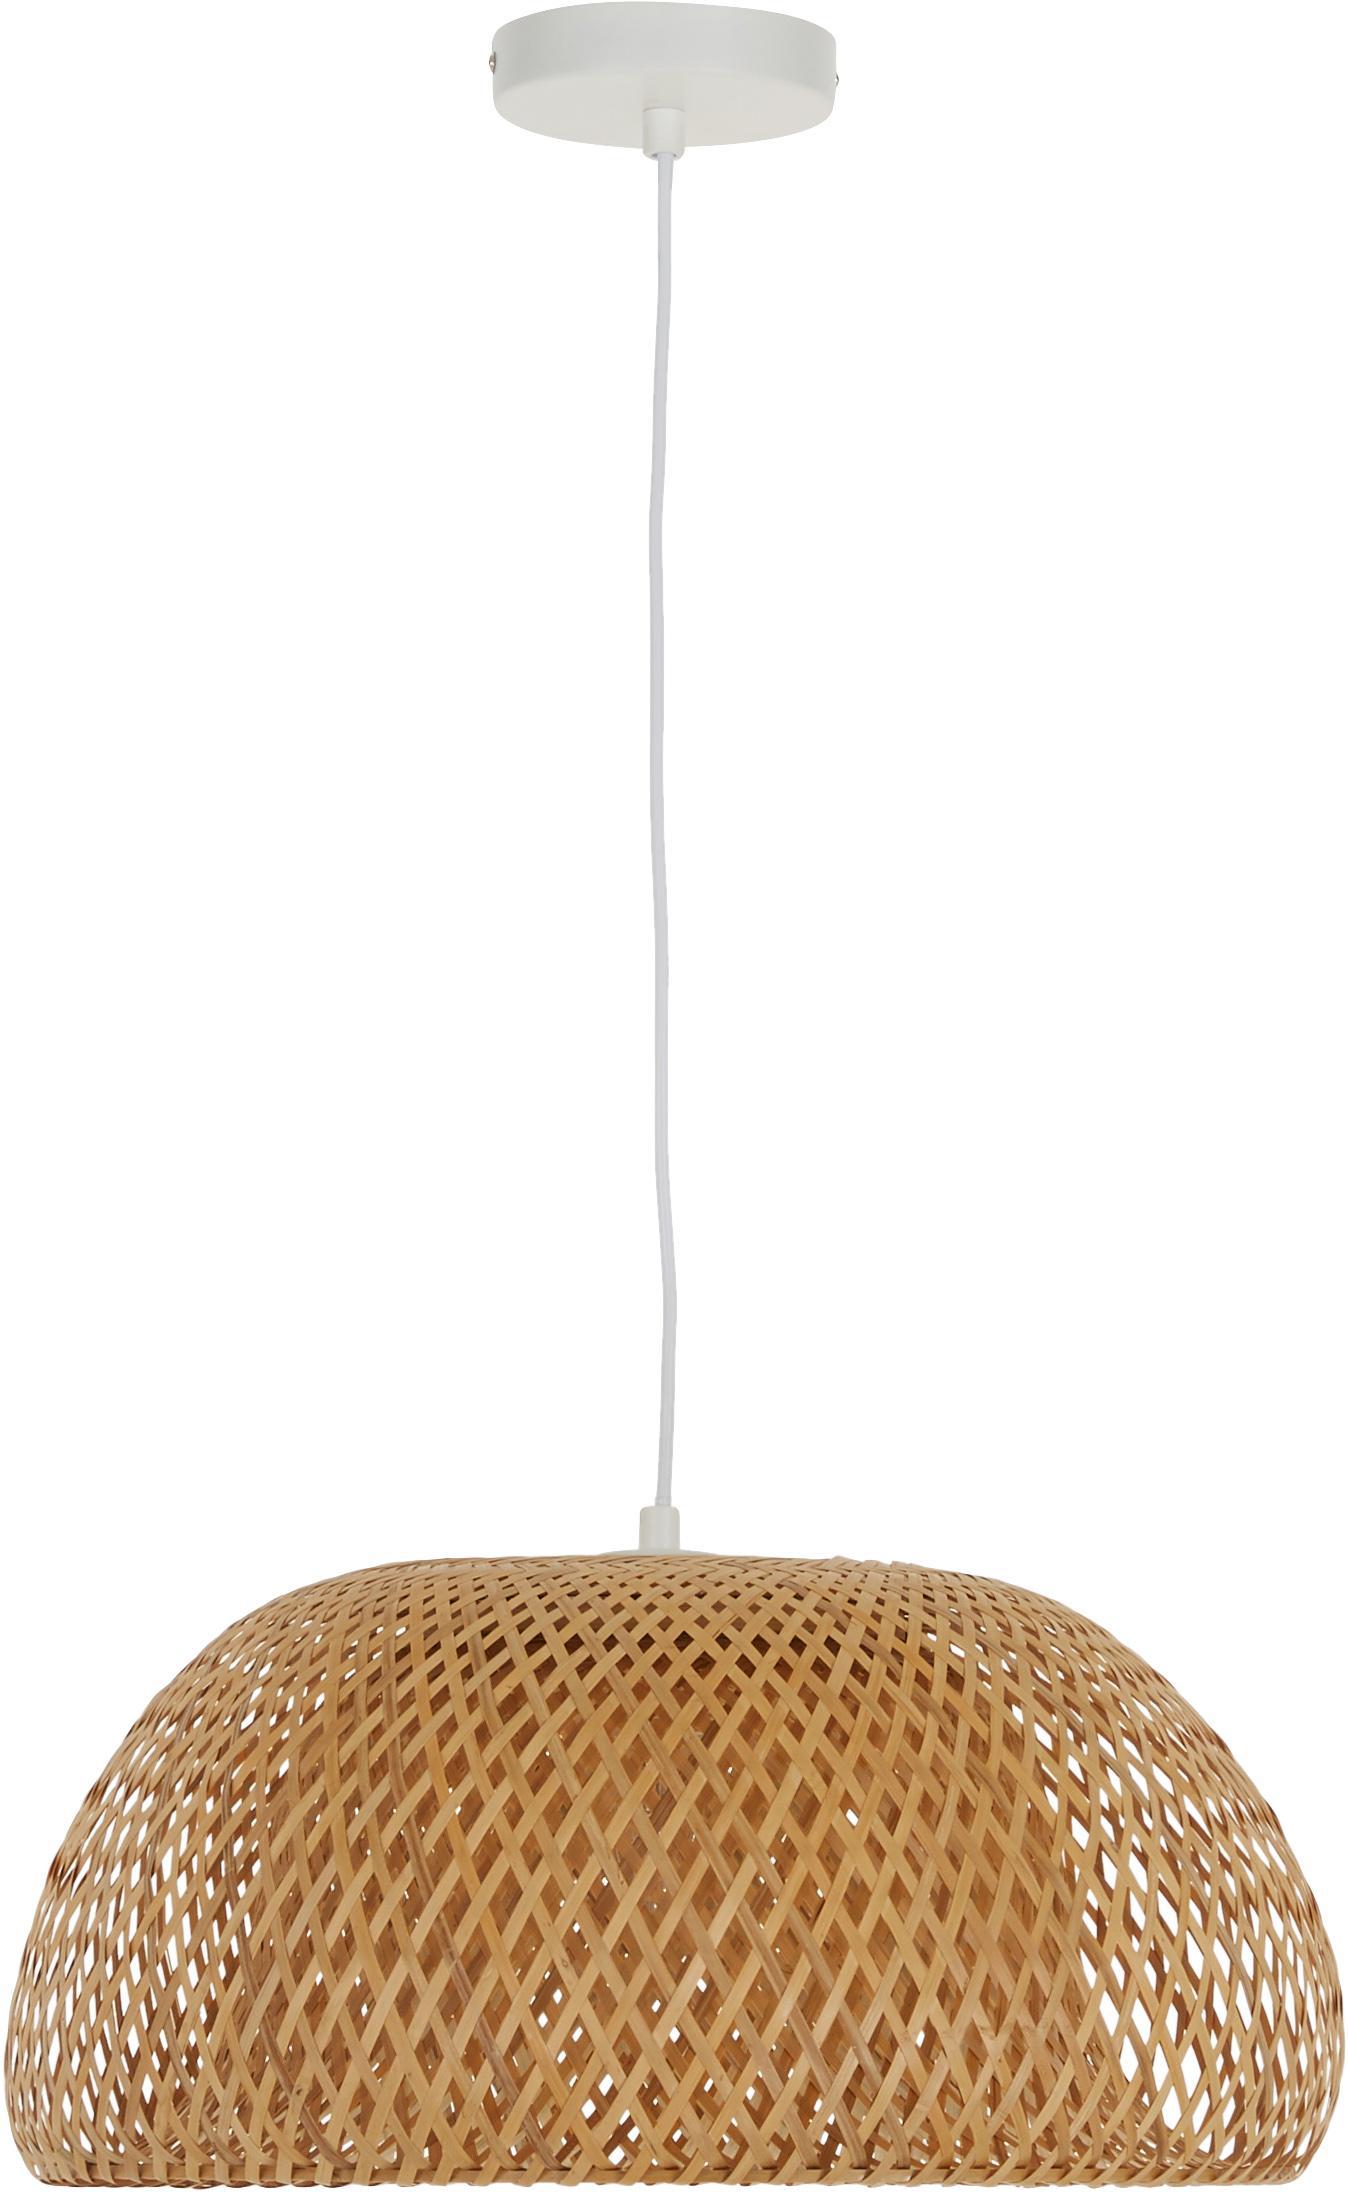 Lampada a sospensione in bambù Eden, Paralume: bambù, Bambù, Ø 55 x Alt. 27 cm